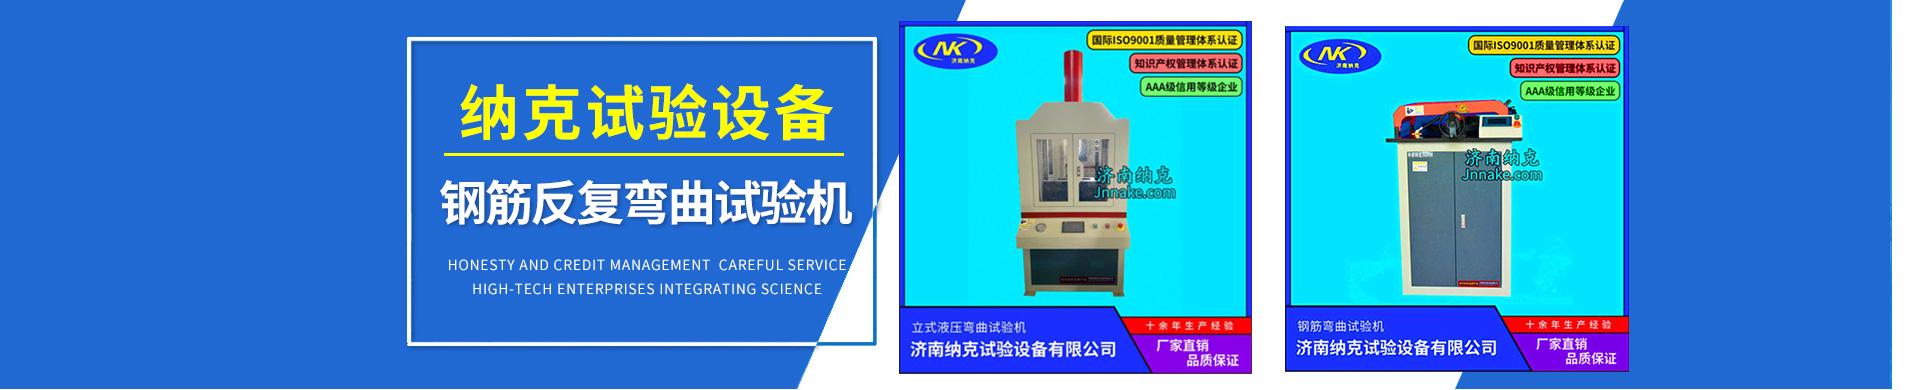 济南纳克试验设备有限公司实体